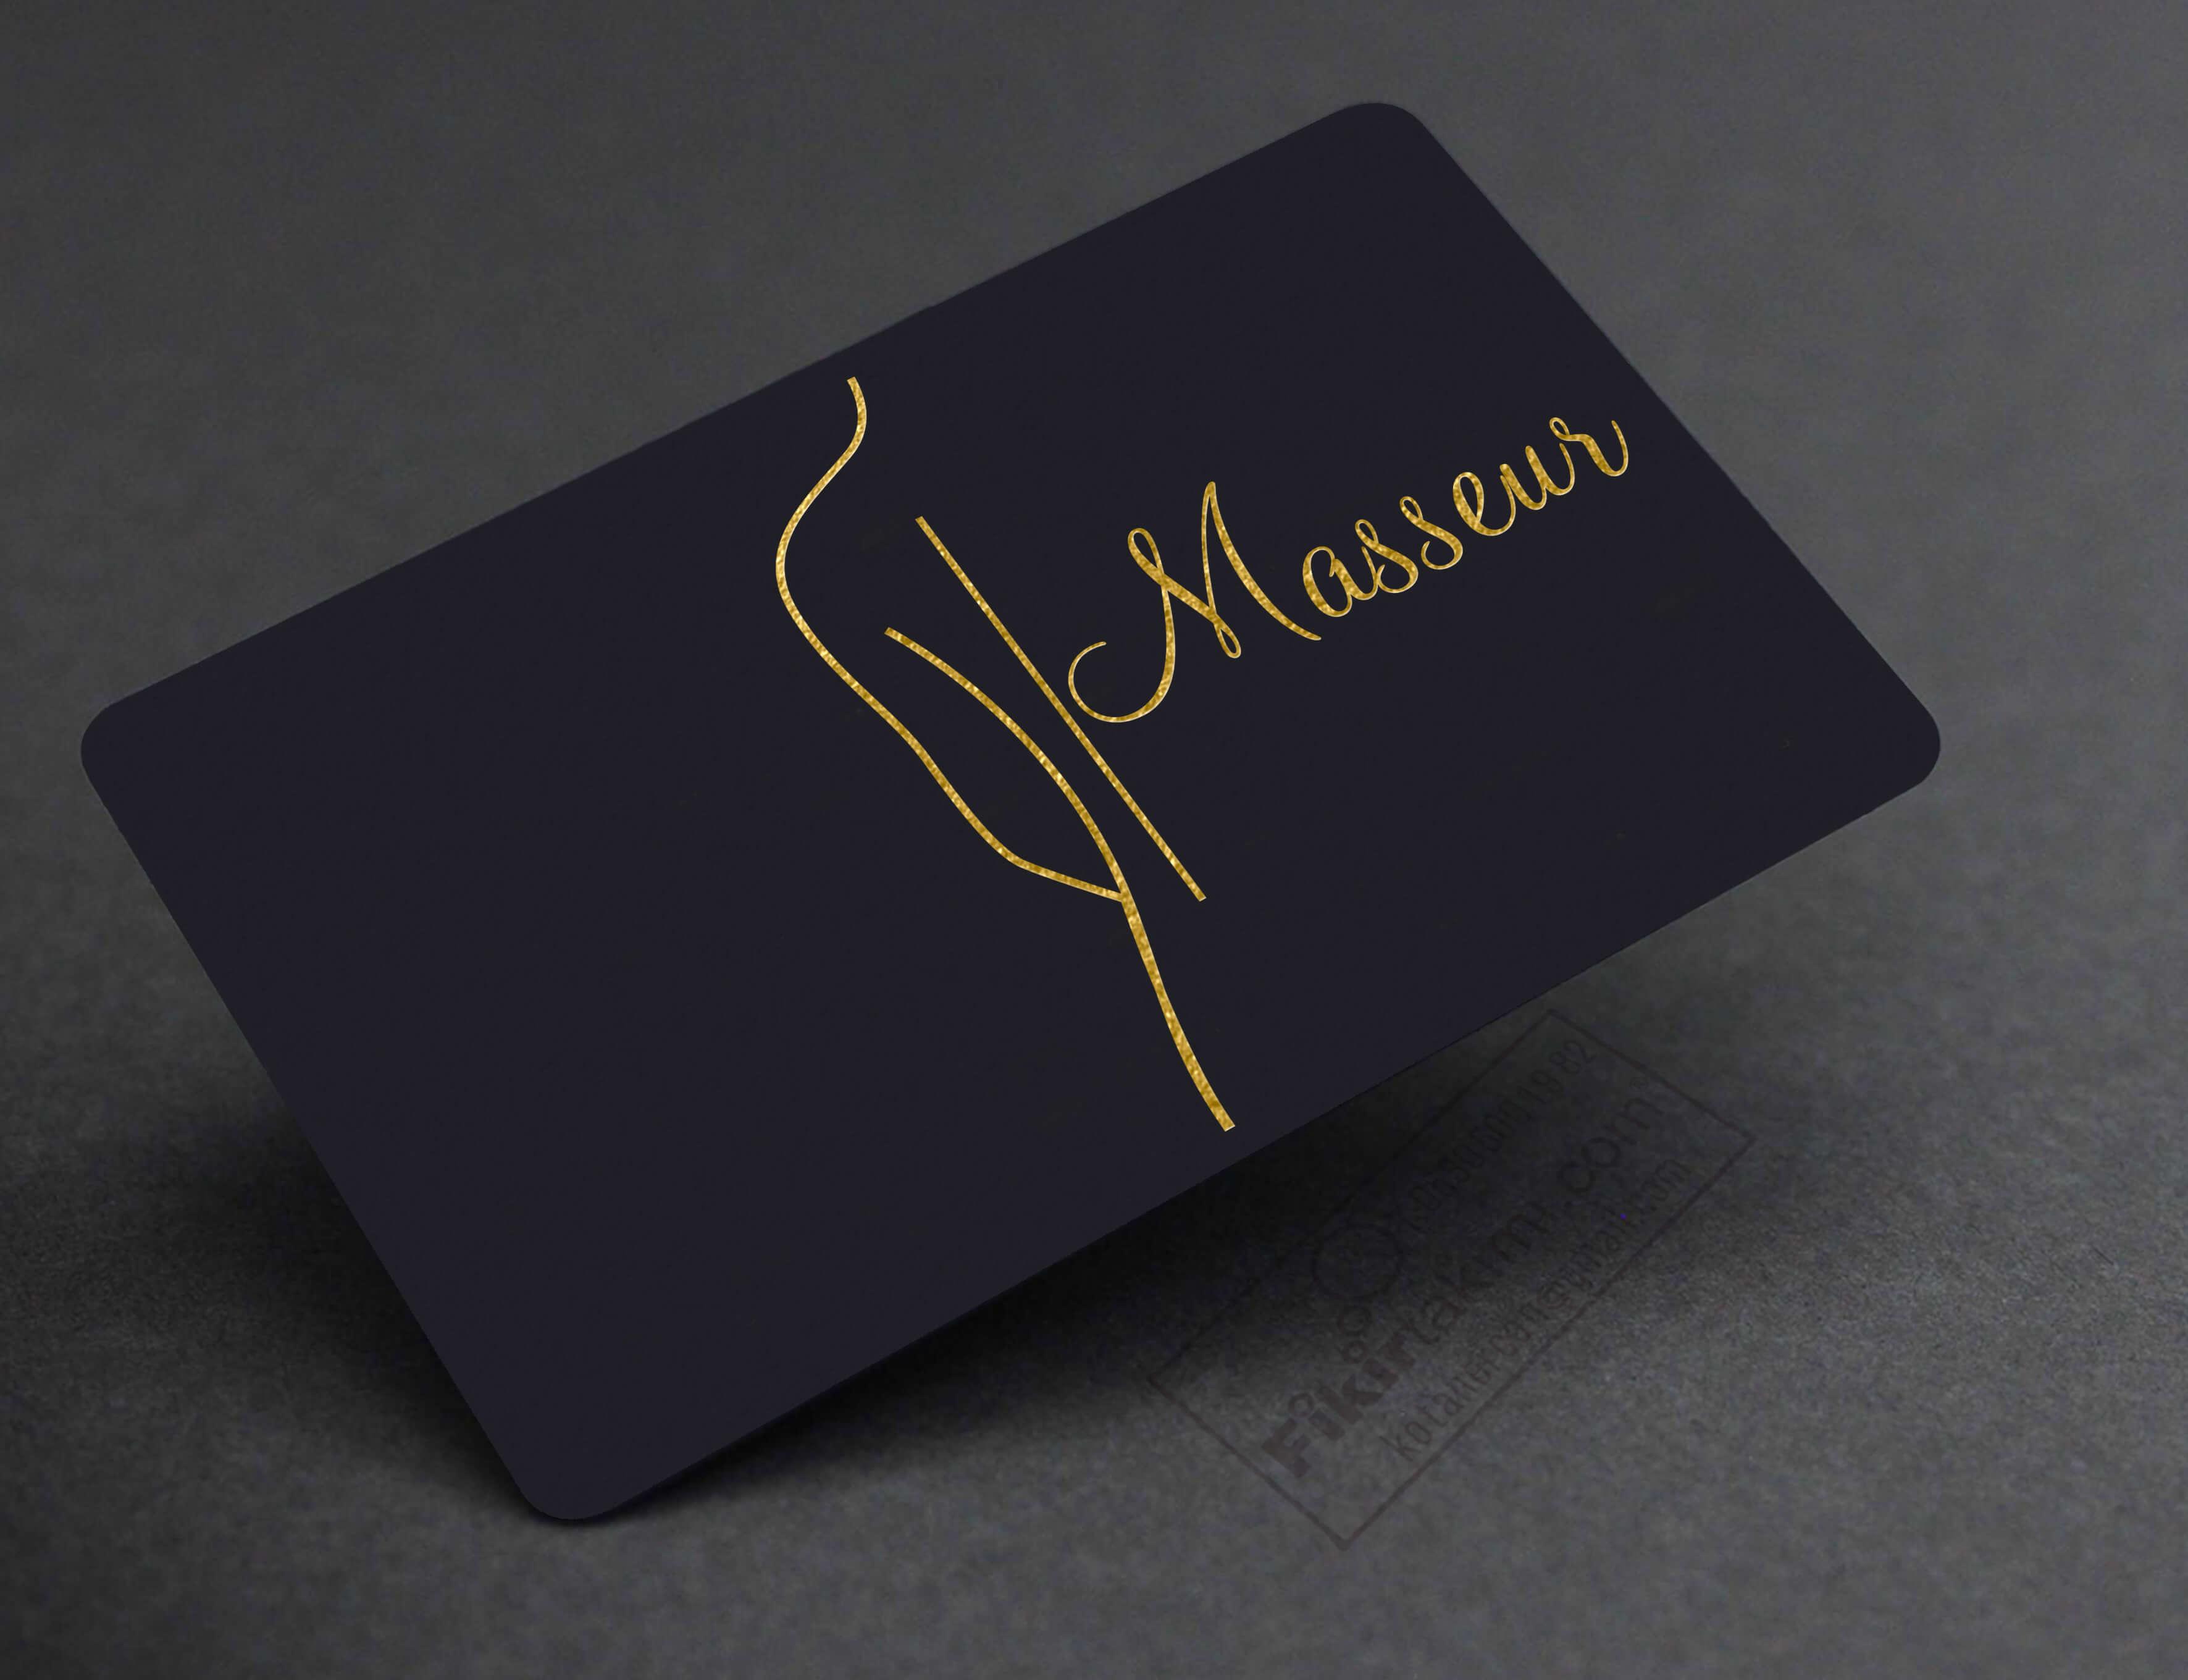 Masaj, Spa Kartvizit Baskı Modeli